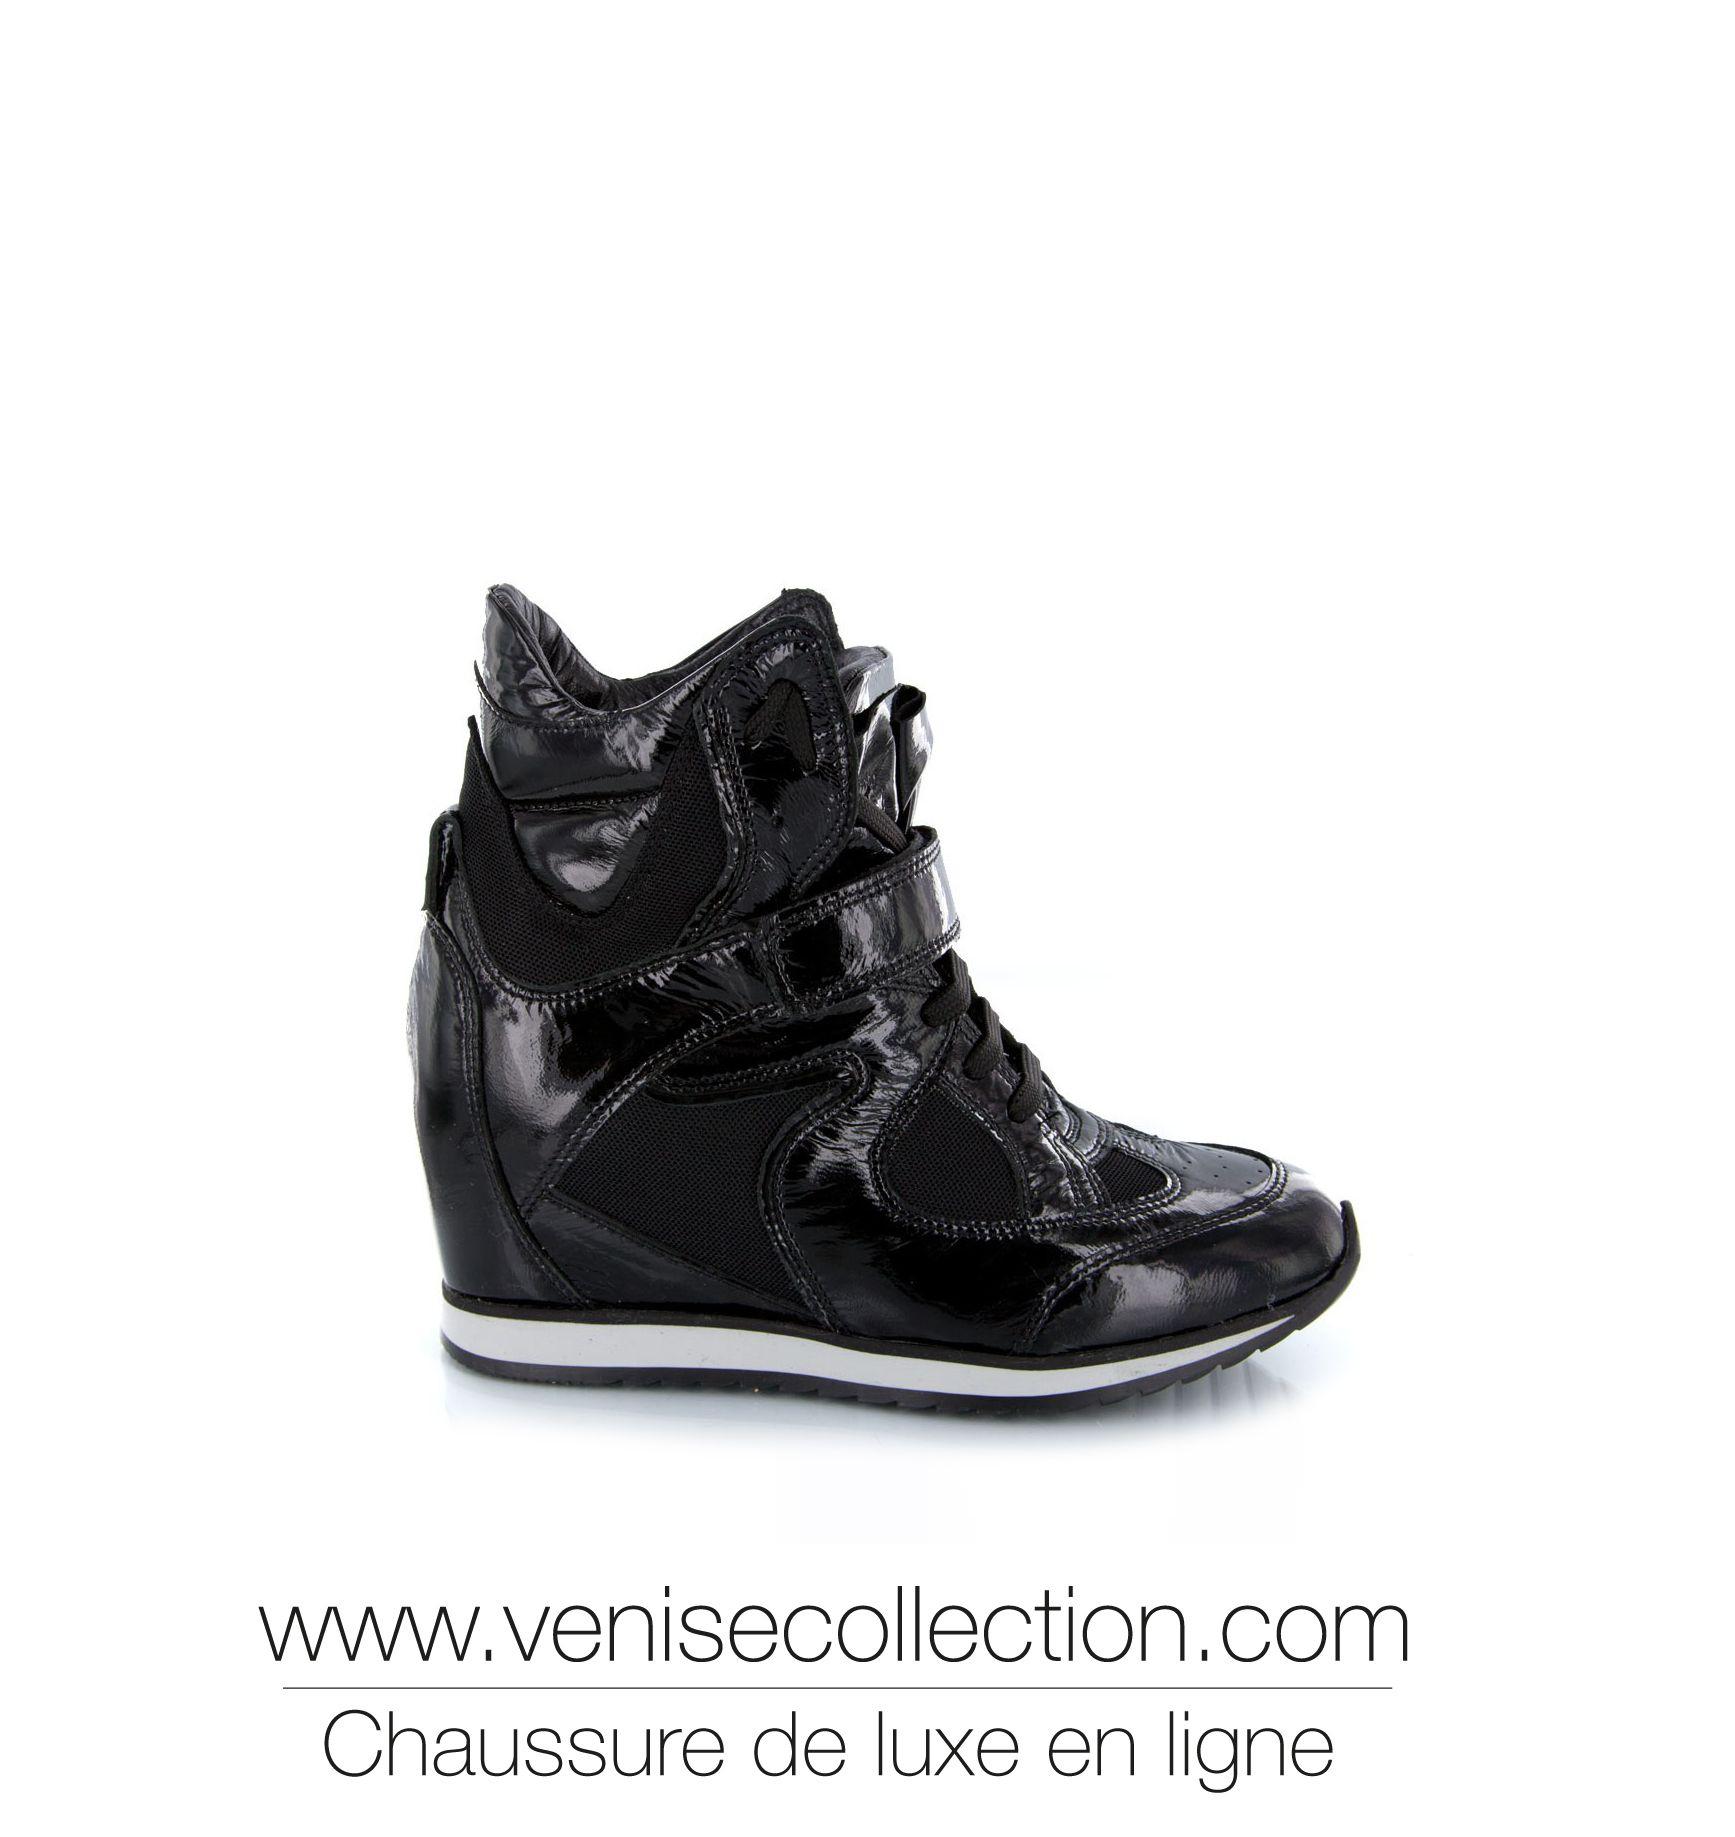 buy online 976f7 02d11 Baskets Compensées, Baskets De Luxe, Vernis Noir, Cuir Verni, Femme Luxe,